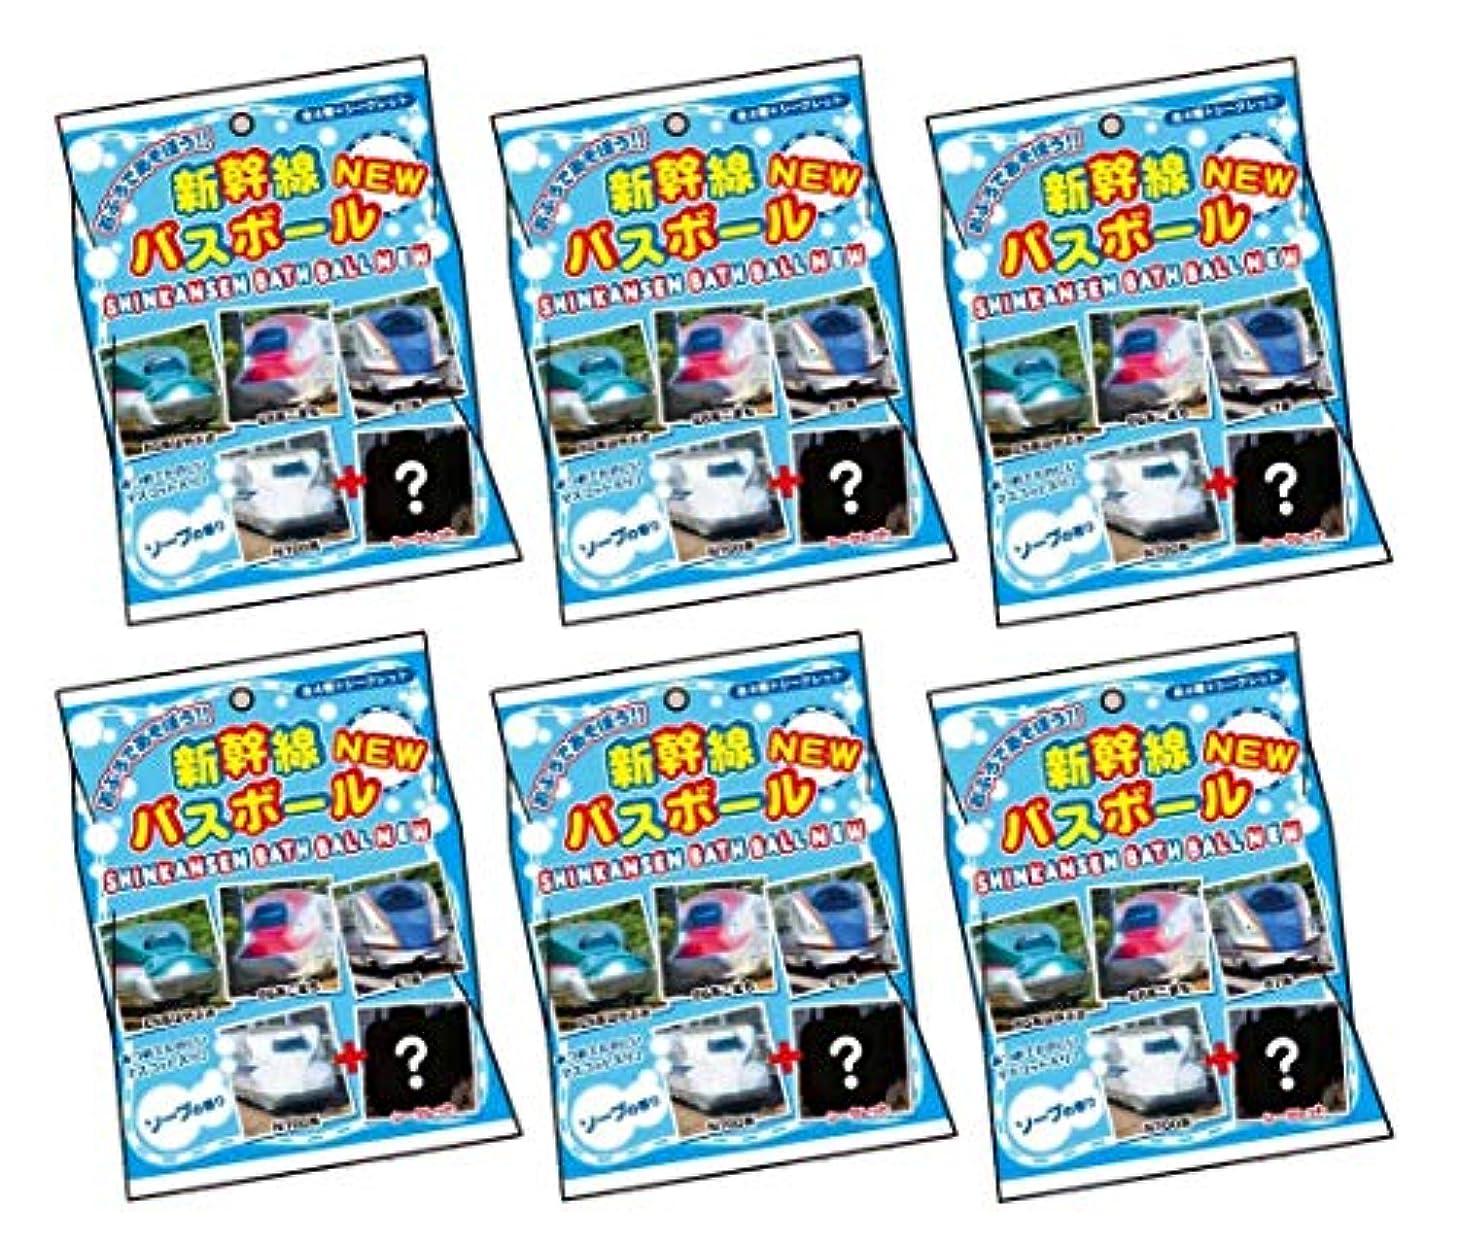 ストッキングボア記念日JR新幹線 入浴剤 マスコットが飛び出るバスボール NEW 【6個セット】